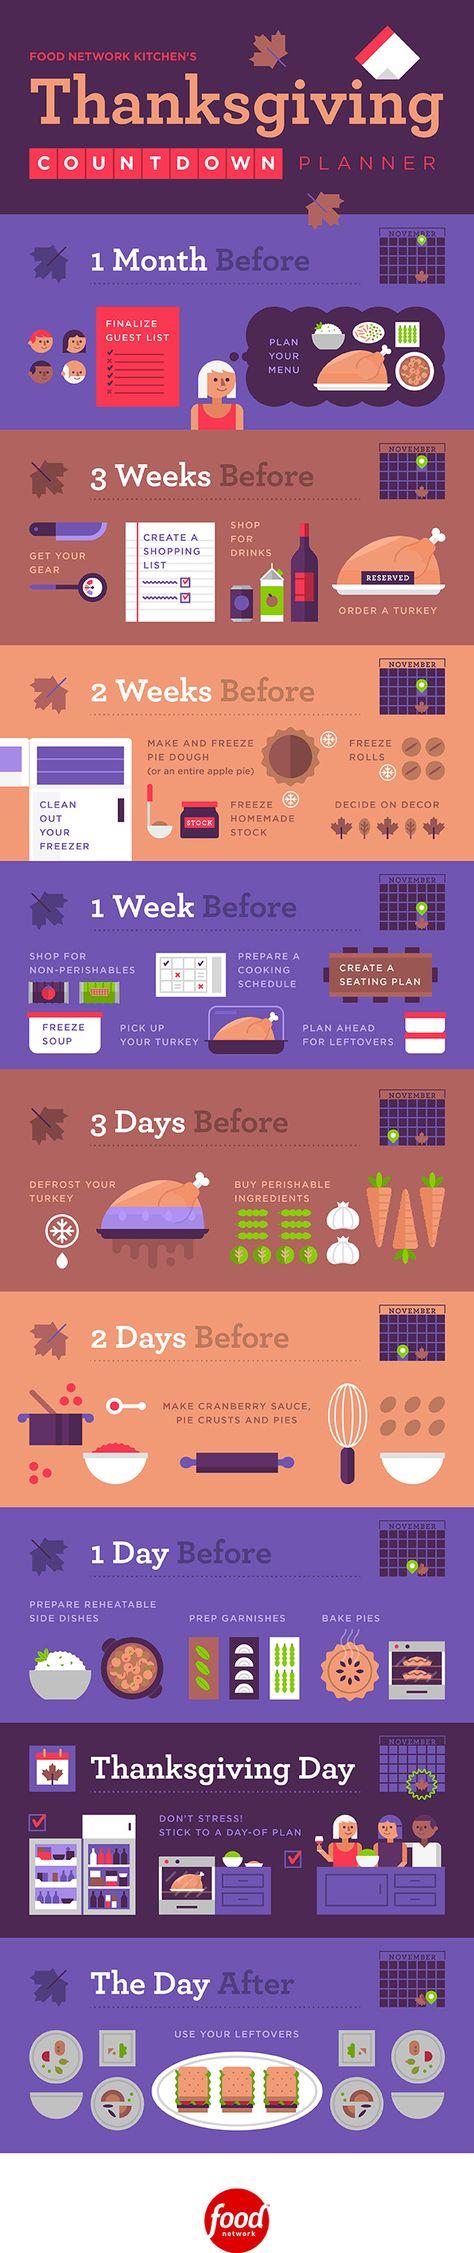 Thanksgiving kitchen countdown food planner.